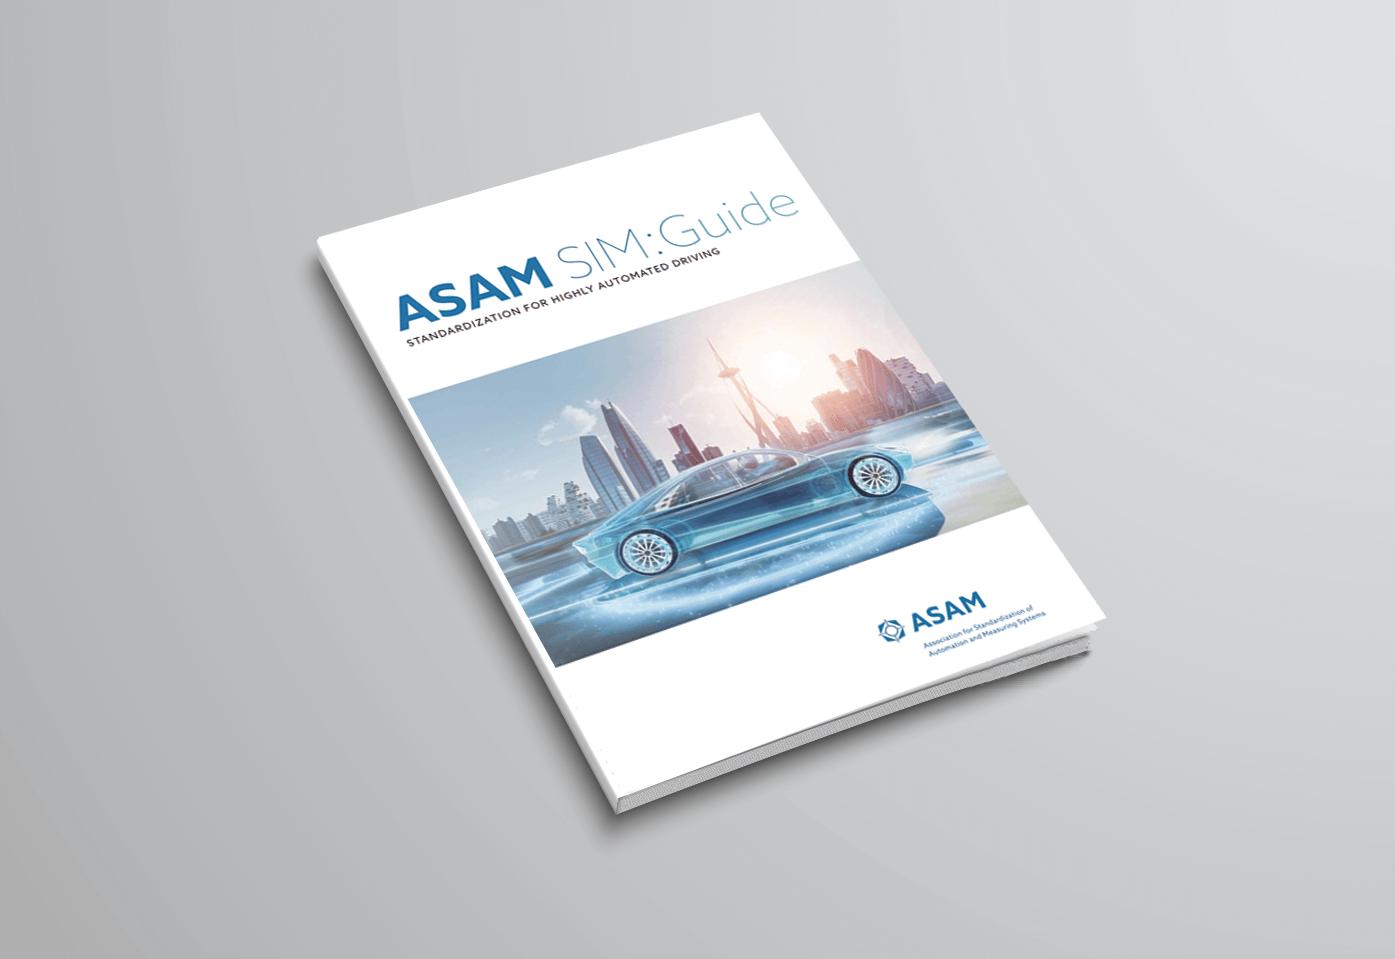 ASAM SIM:Guide